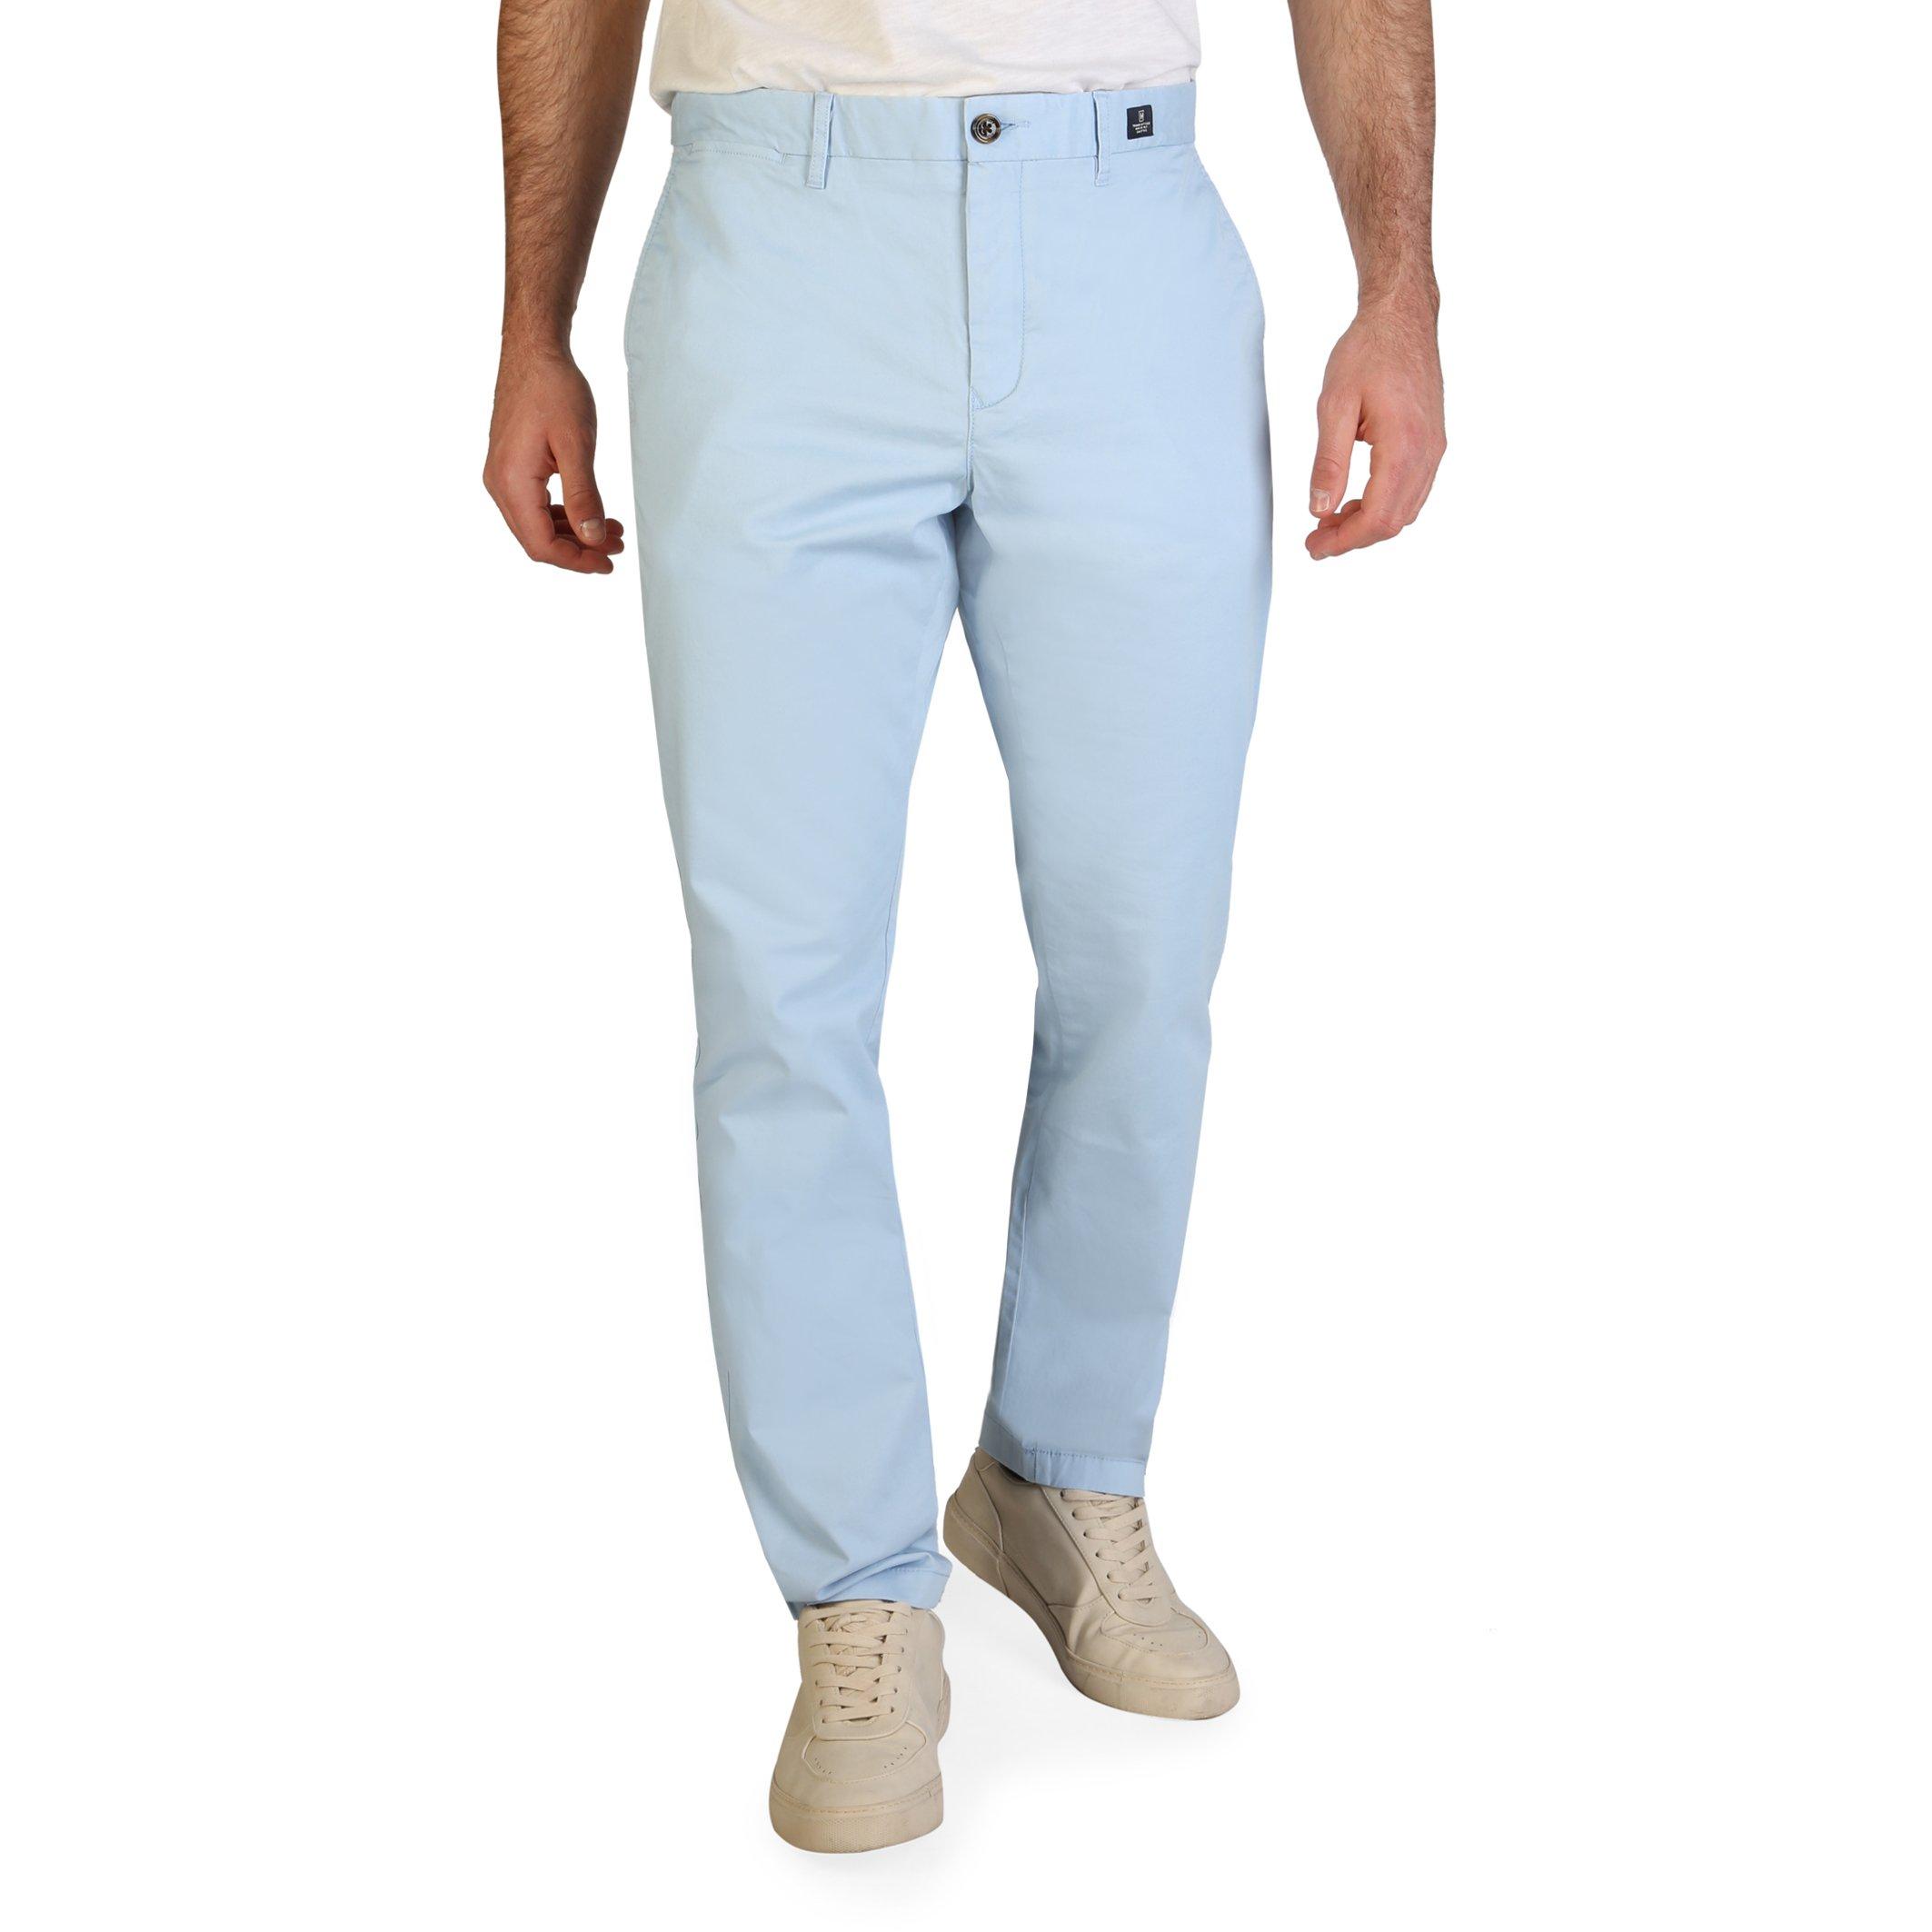 Tommy Hilfiger Men's Trouser Brown XM0XM01261 - blue 31